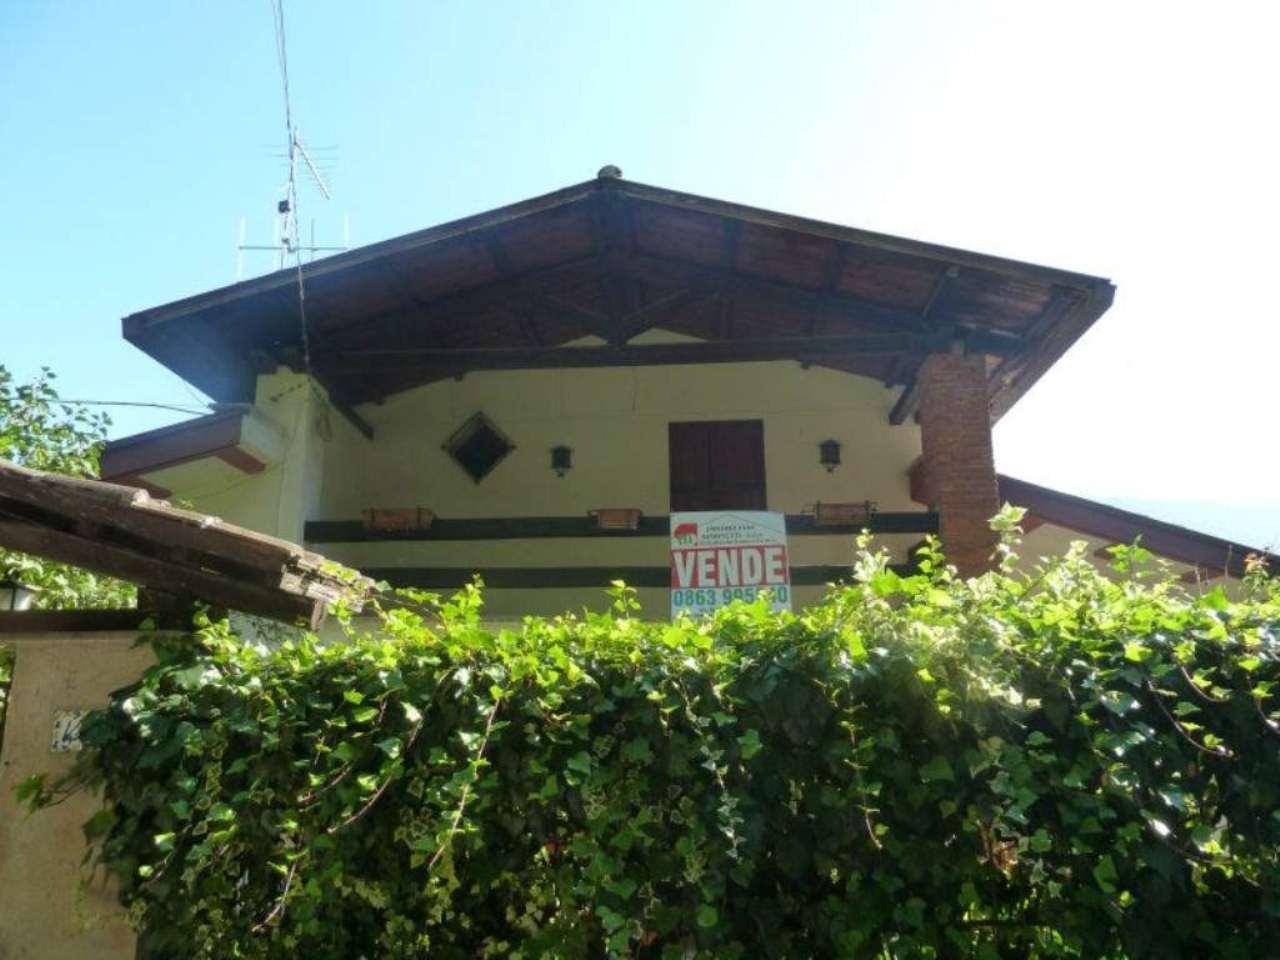 Soluzione Indipendente in vendita a Rocca di Botte, 9 locali, prezzo € 270.000 | Cambio Casa.it